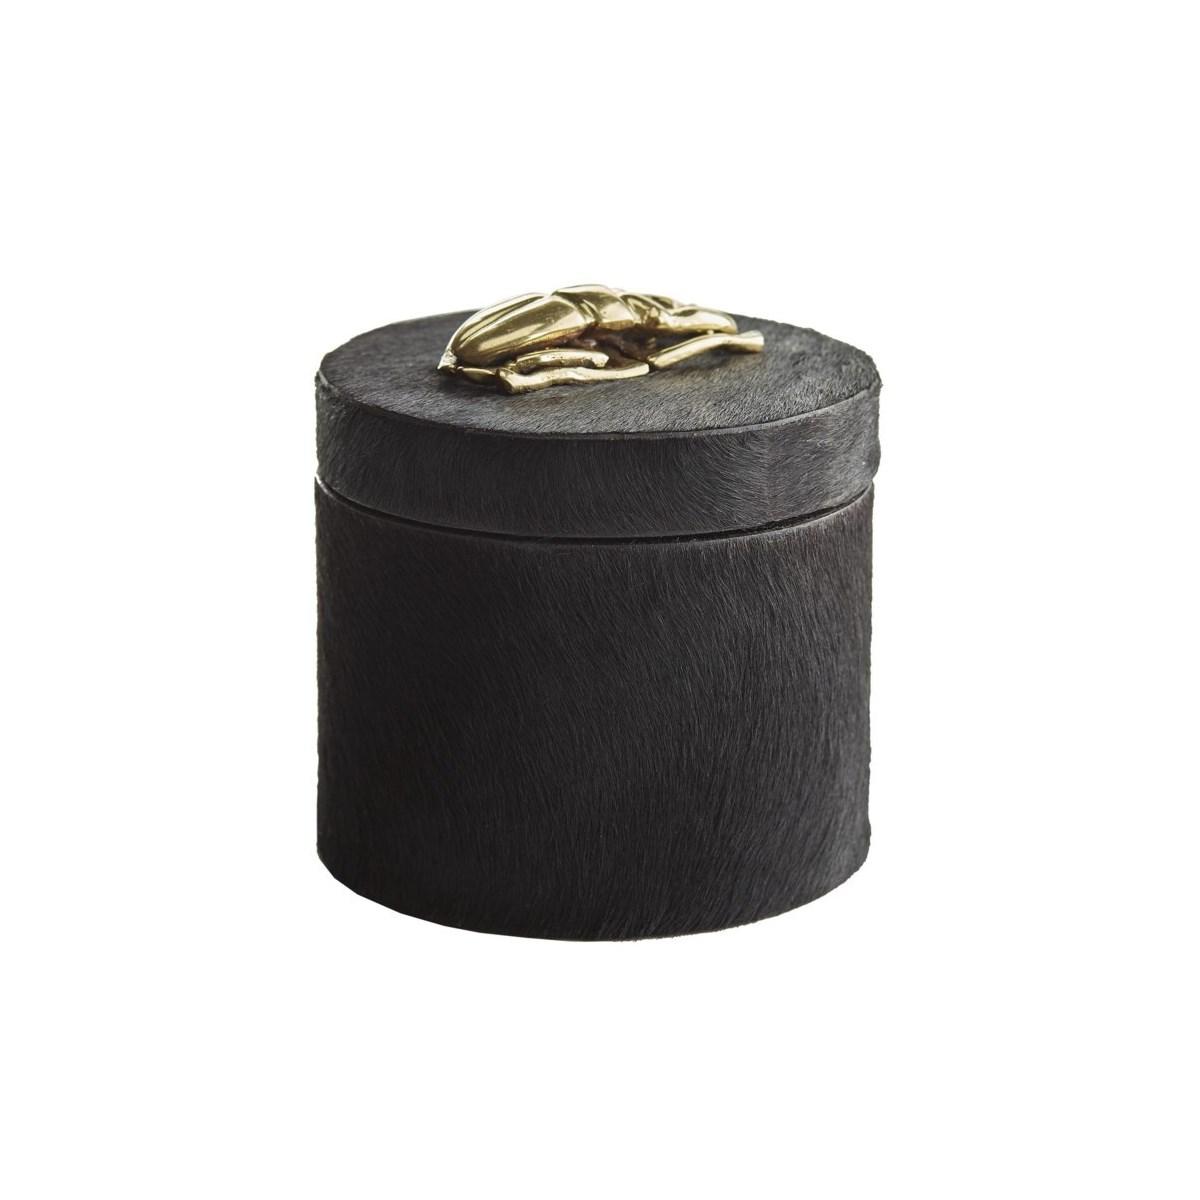 Lola Round Box, Black Hide, Antique Brass